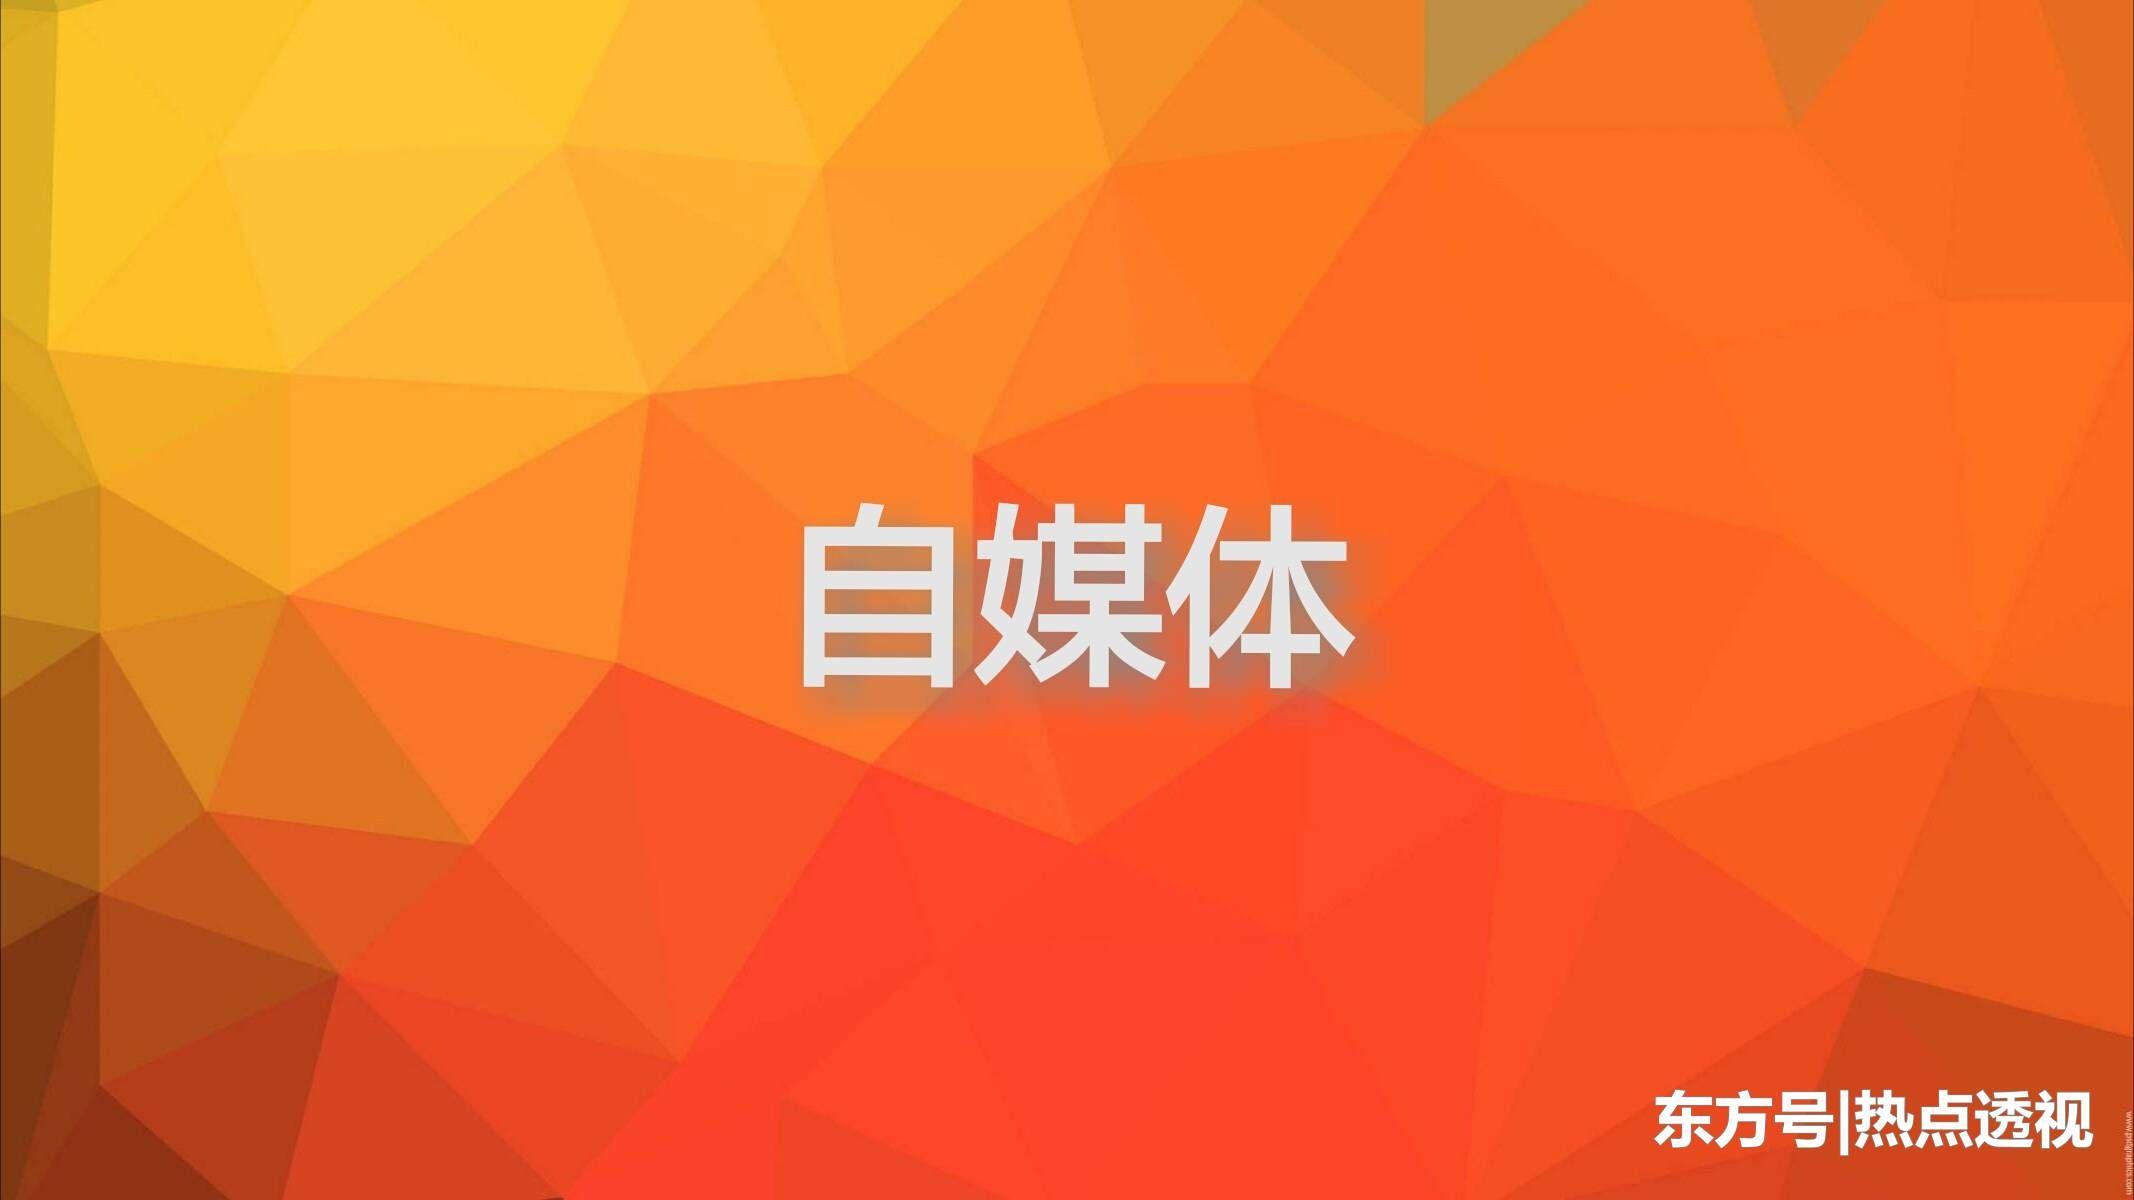 东方号--良心的自媒体平台